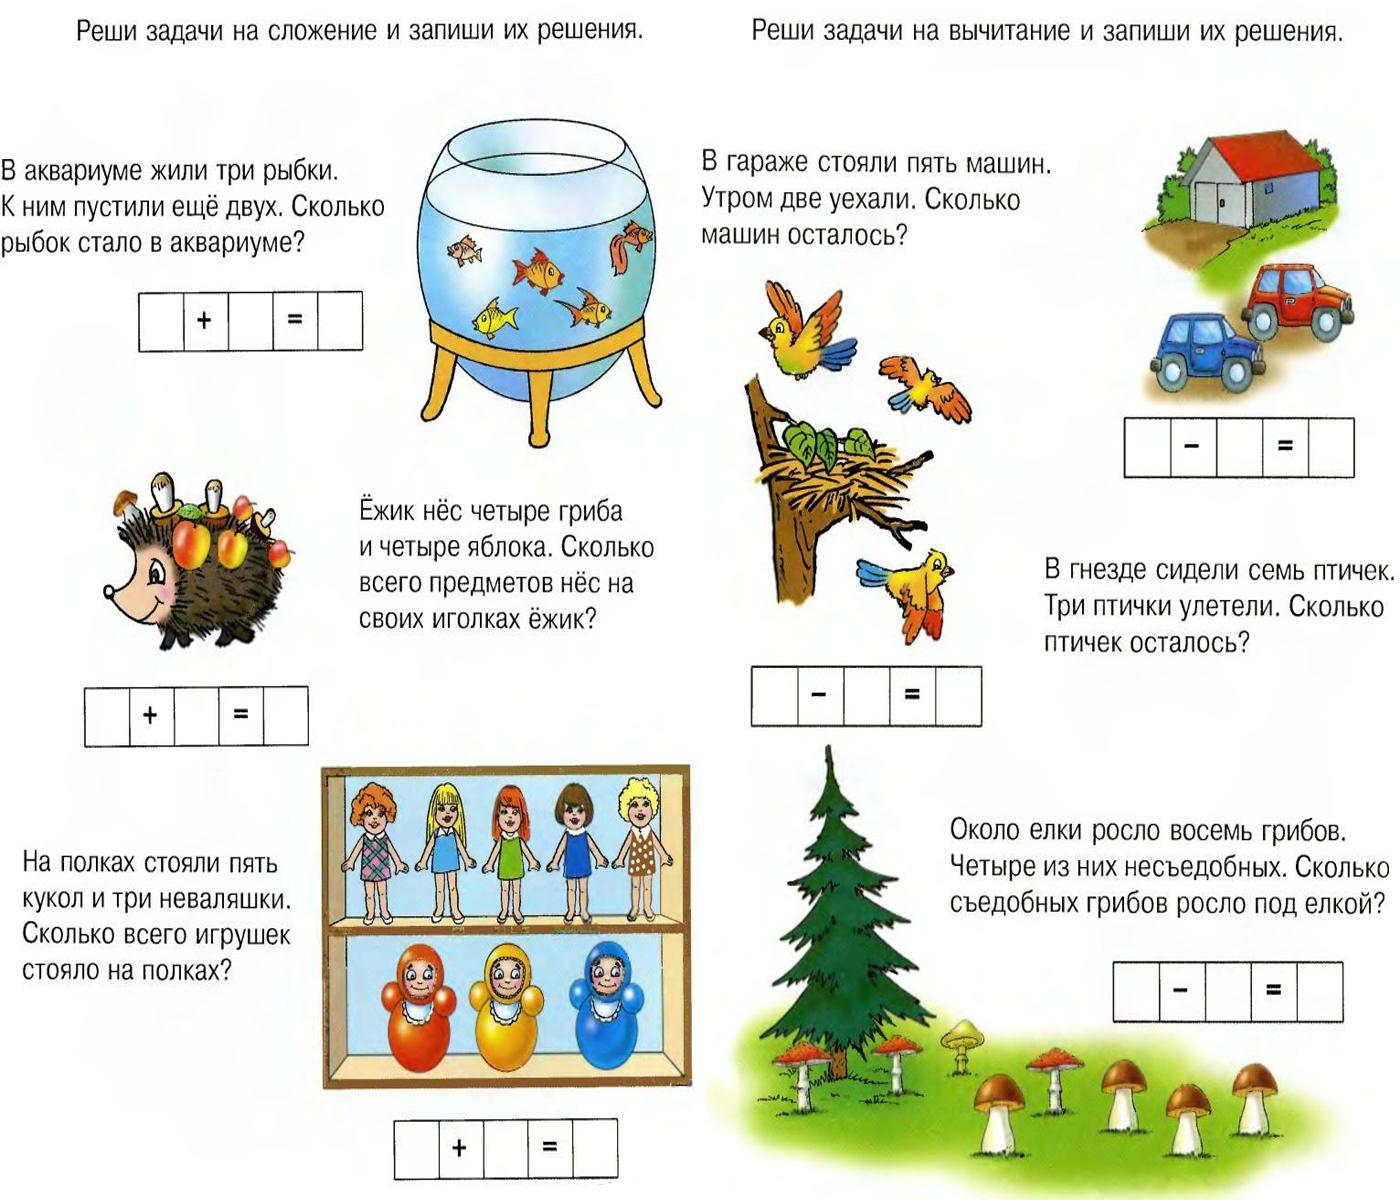 Приготовить стенгазету по математике для 2 класса: ребусы кроссворды стихи о математике